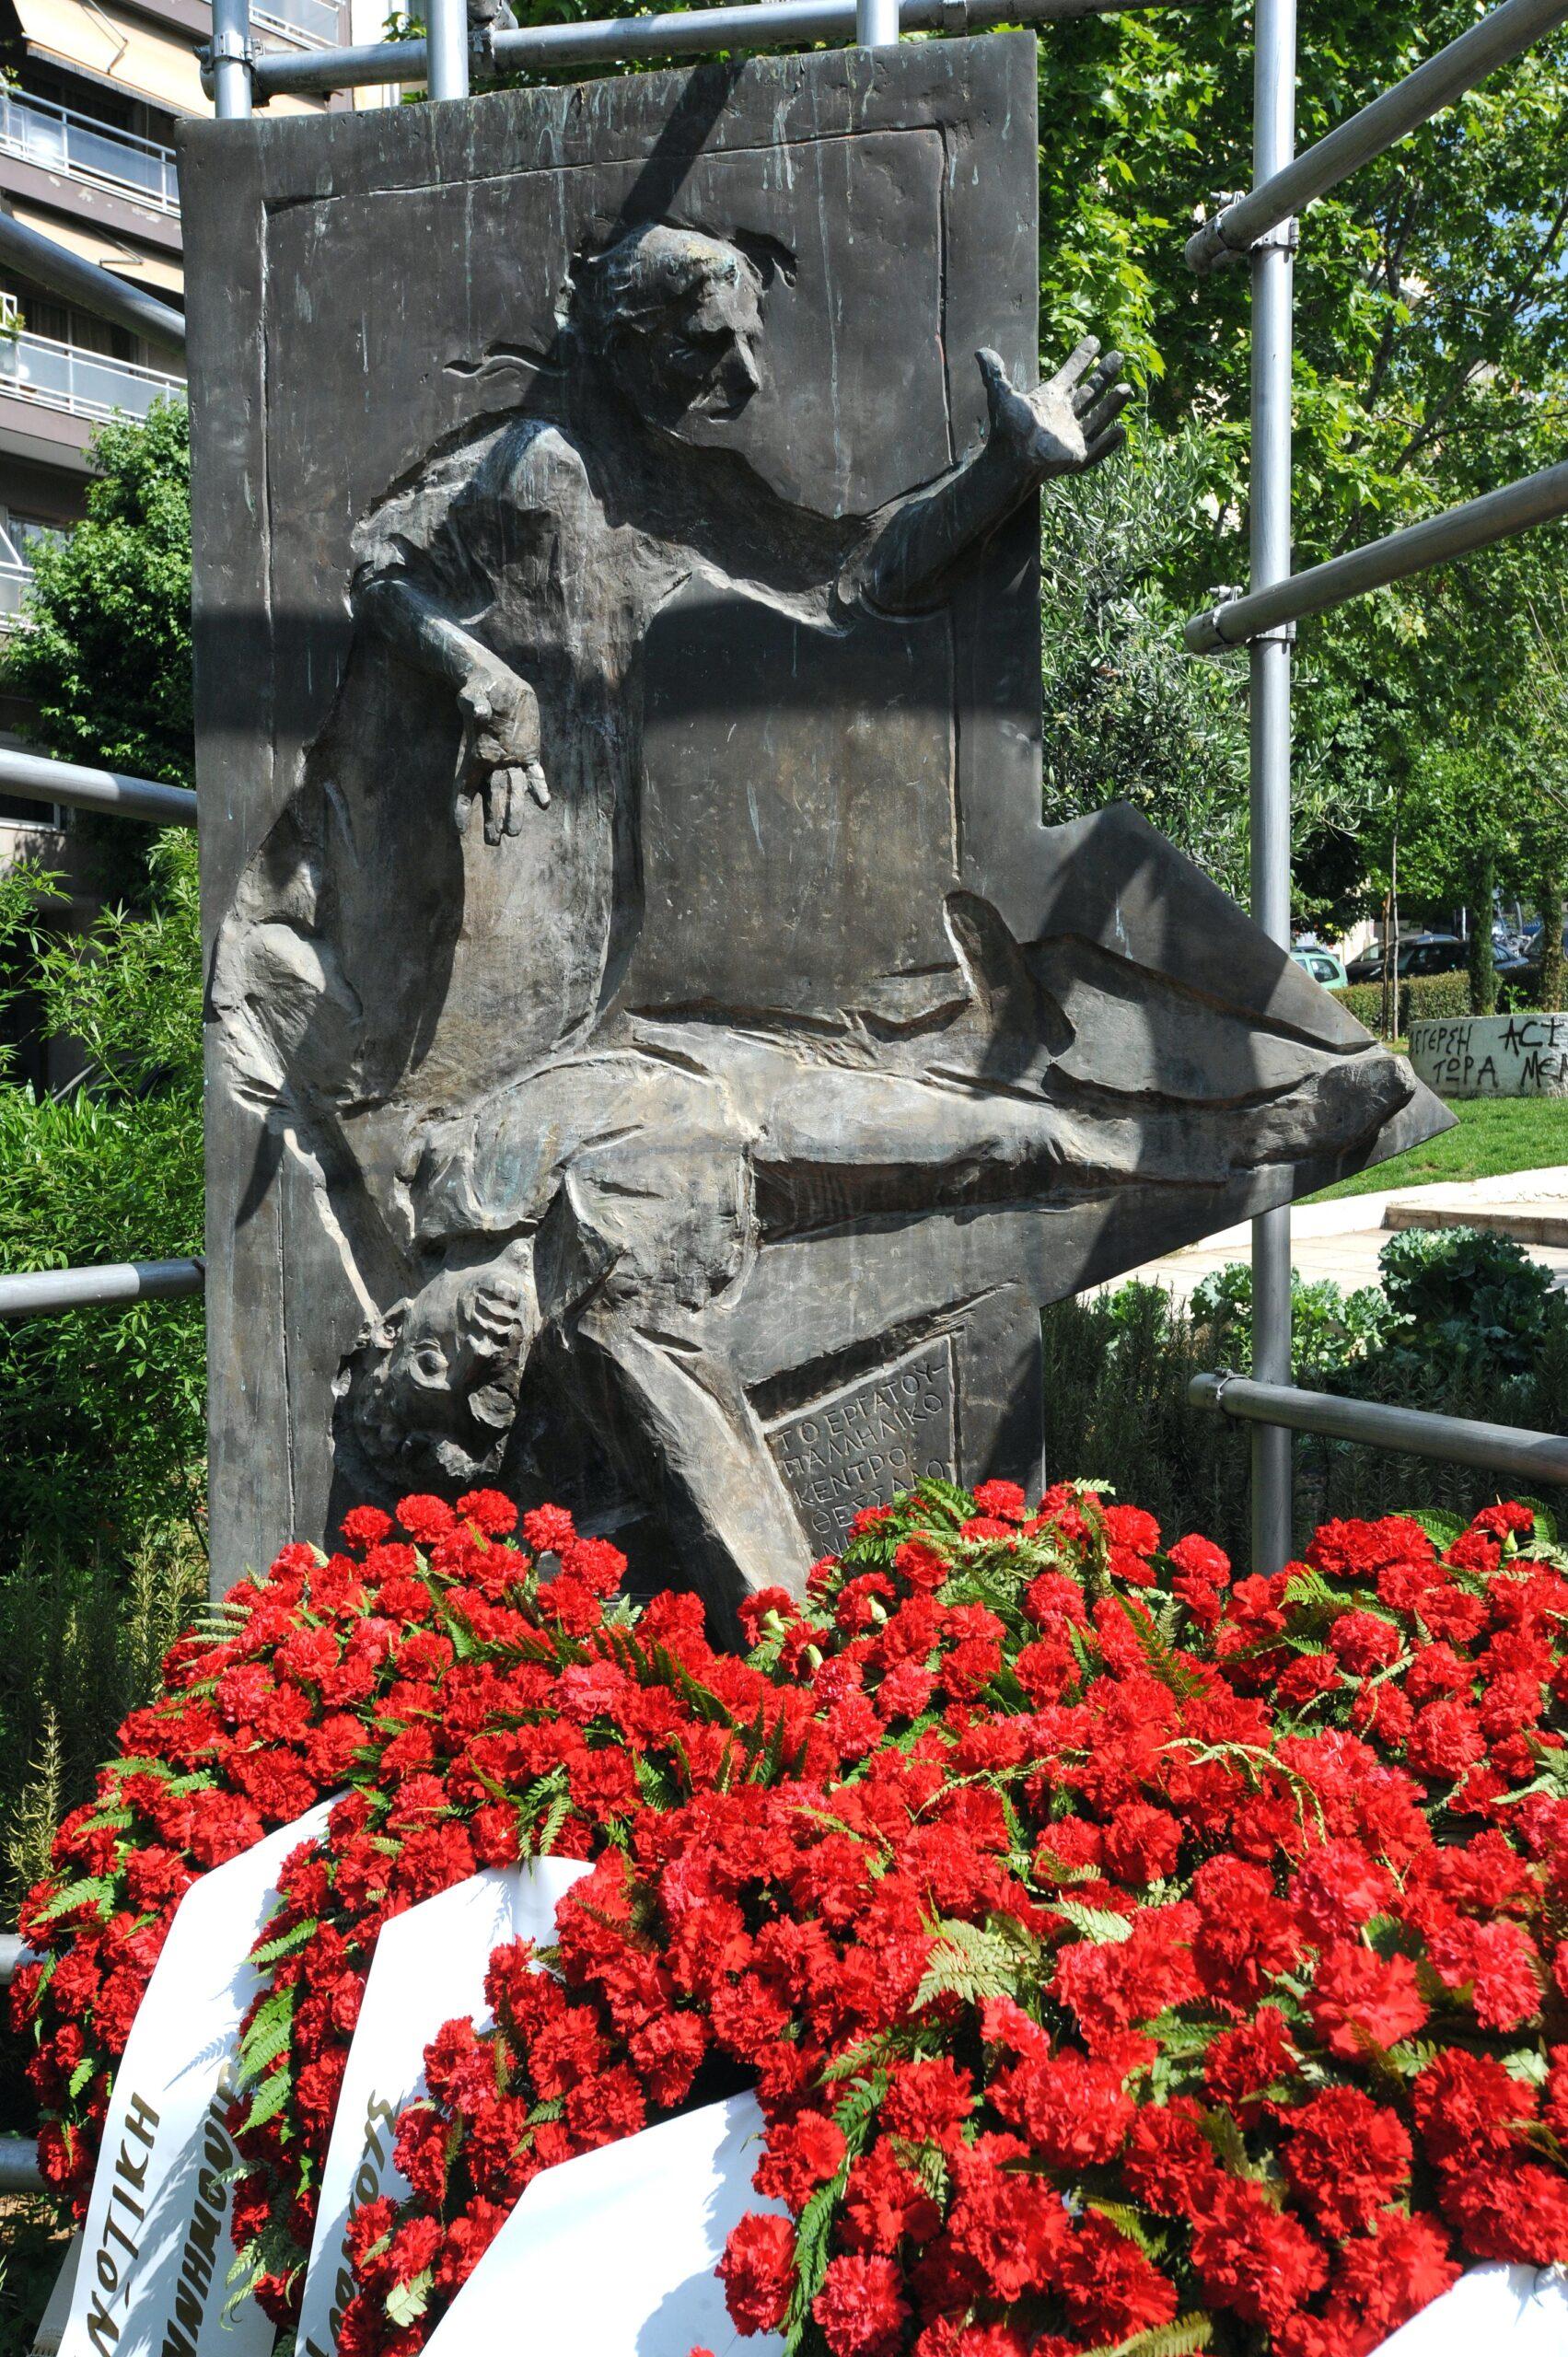 80 χρόνια από το Μάη του 1936 –  Κατάθεση στεφάνων στις 18:30 στο μνημείο του Εργάτη